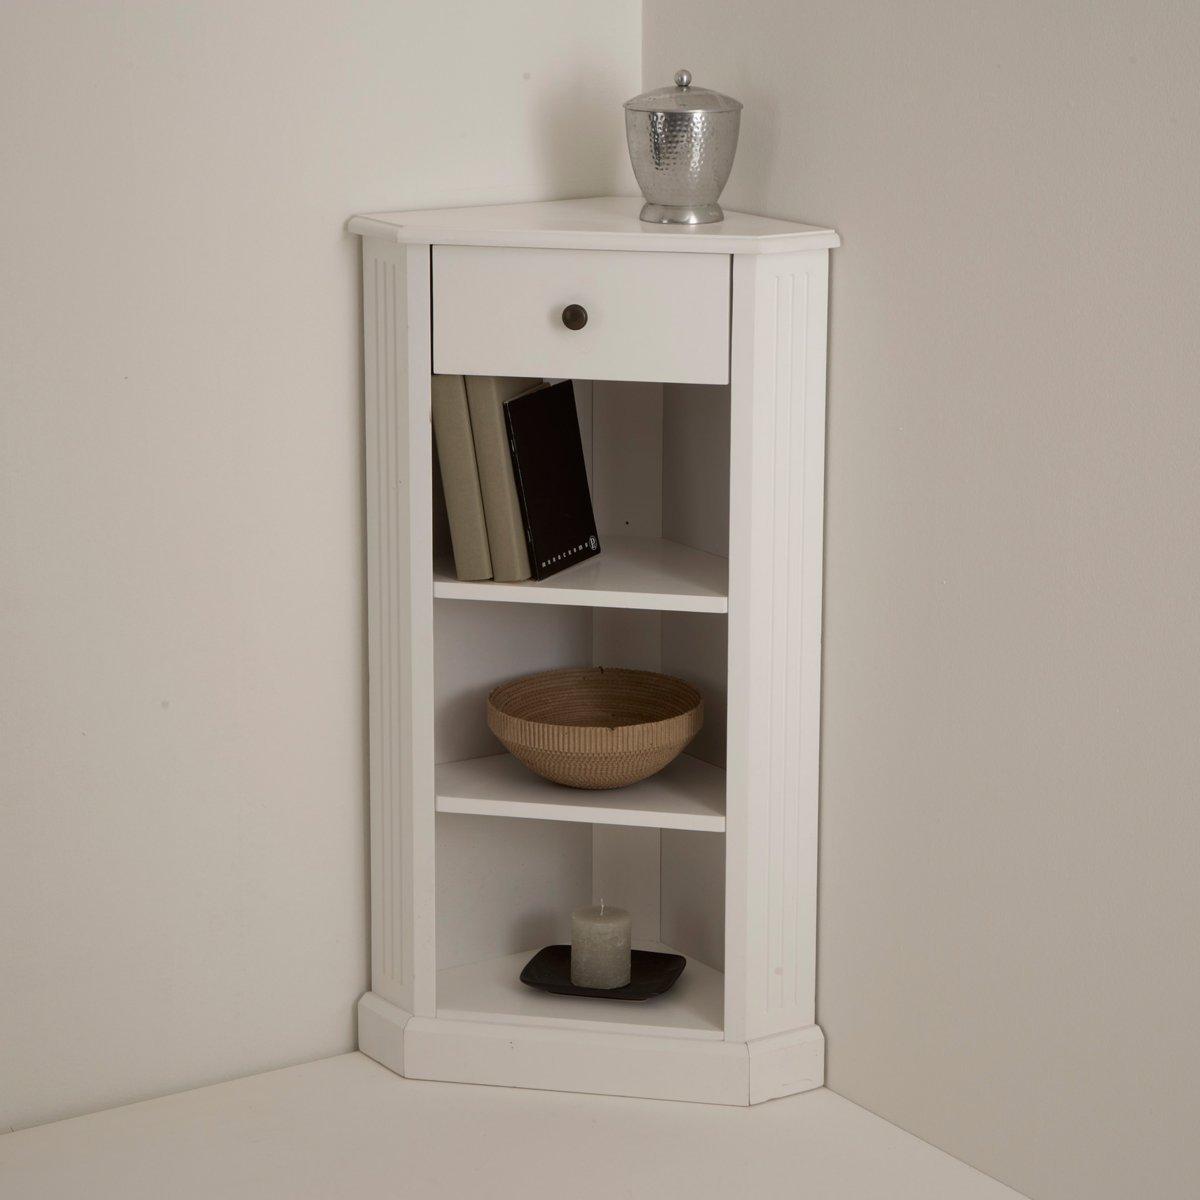 La Redoute Interieurs Armadio Angolare Laccato Bianco, Authentic Style Unica